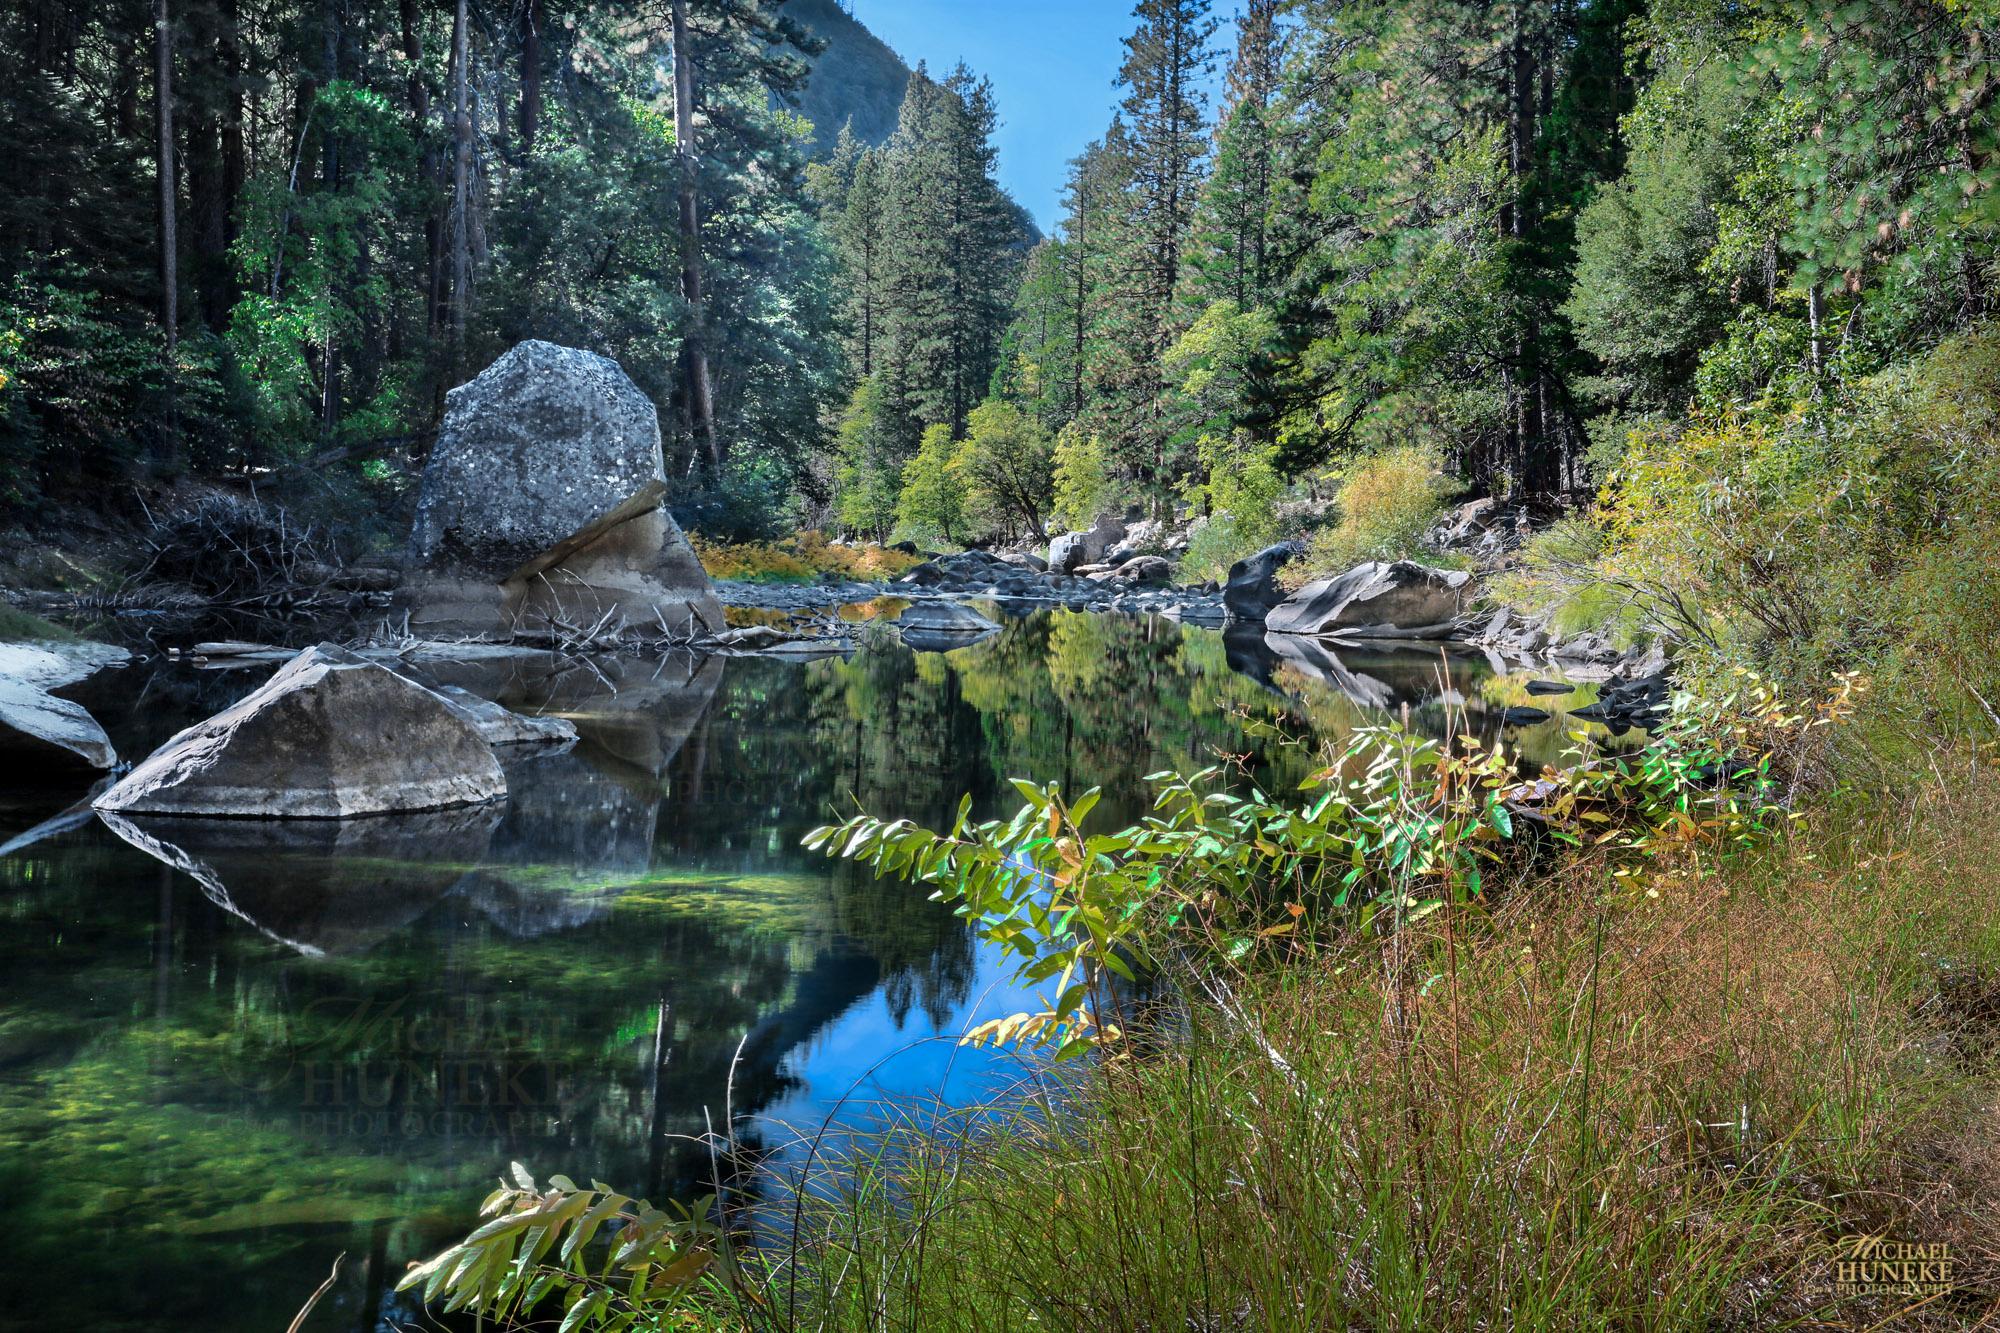 Yosemite_Stream_2-QN9A4380 2000 wide 72dpi high(9) wm.jpg